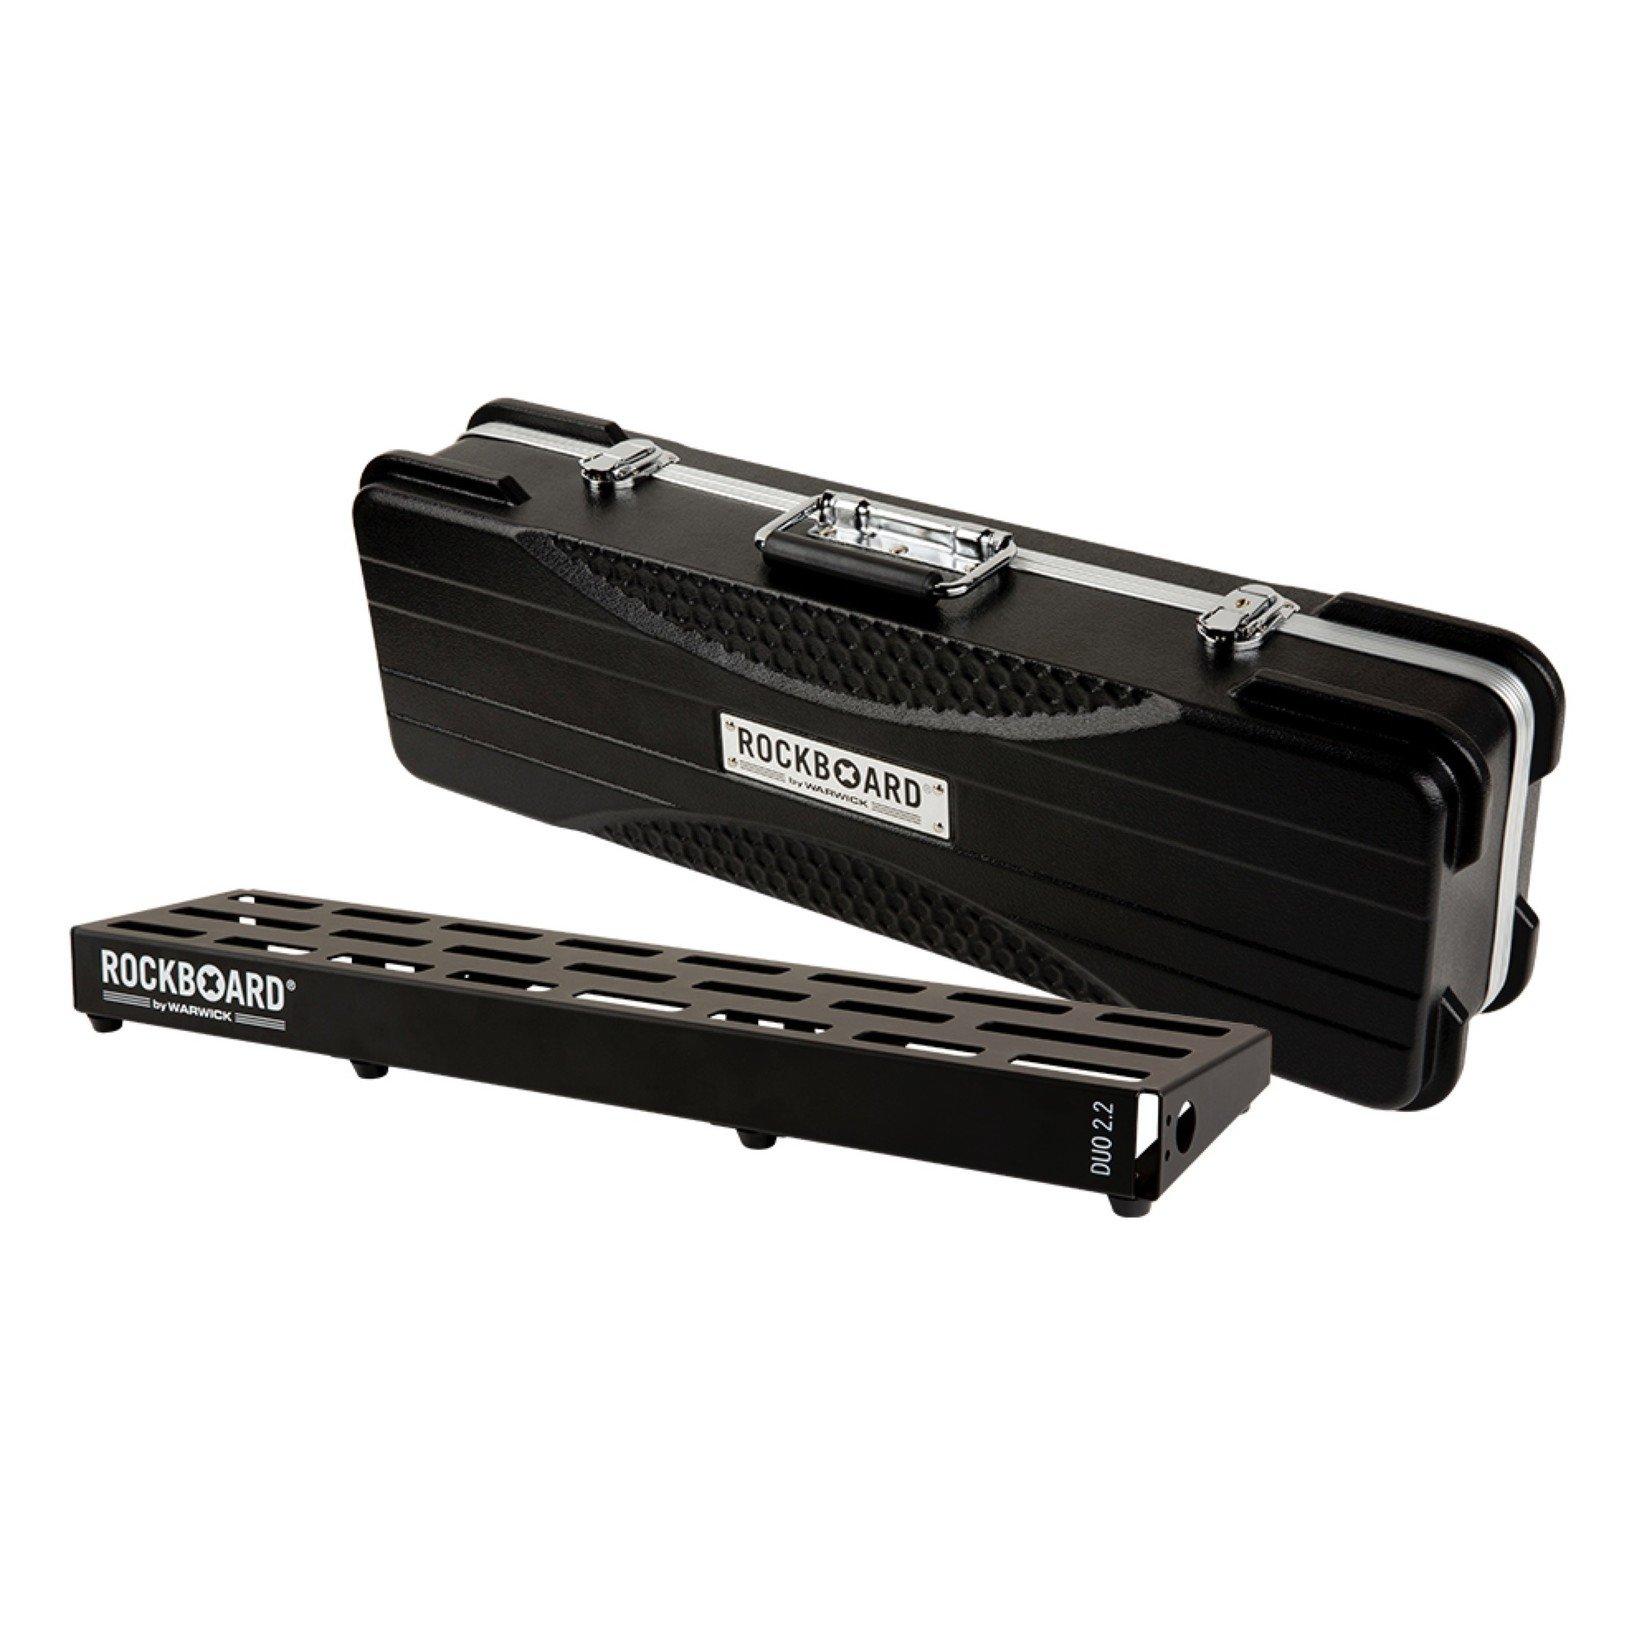 """Rockboard RockBoard DUO 2.2 (5.75"""" x 24"""") - Pedalboard with ABS Case (RBO B 2.2 DUO A)"""